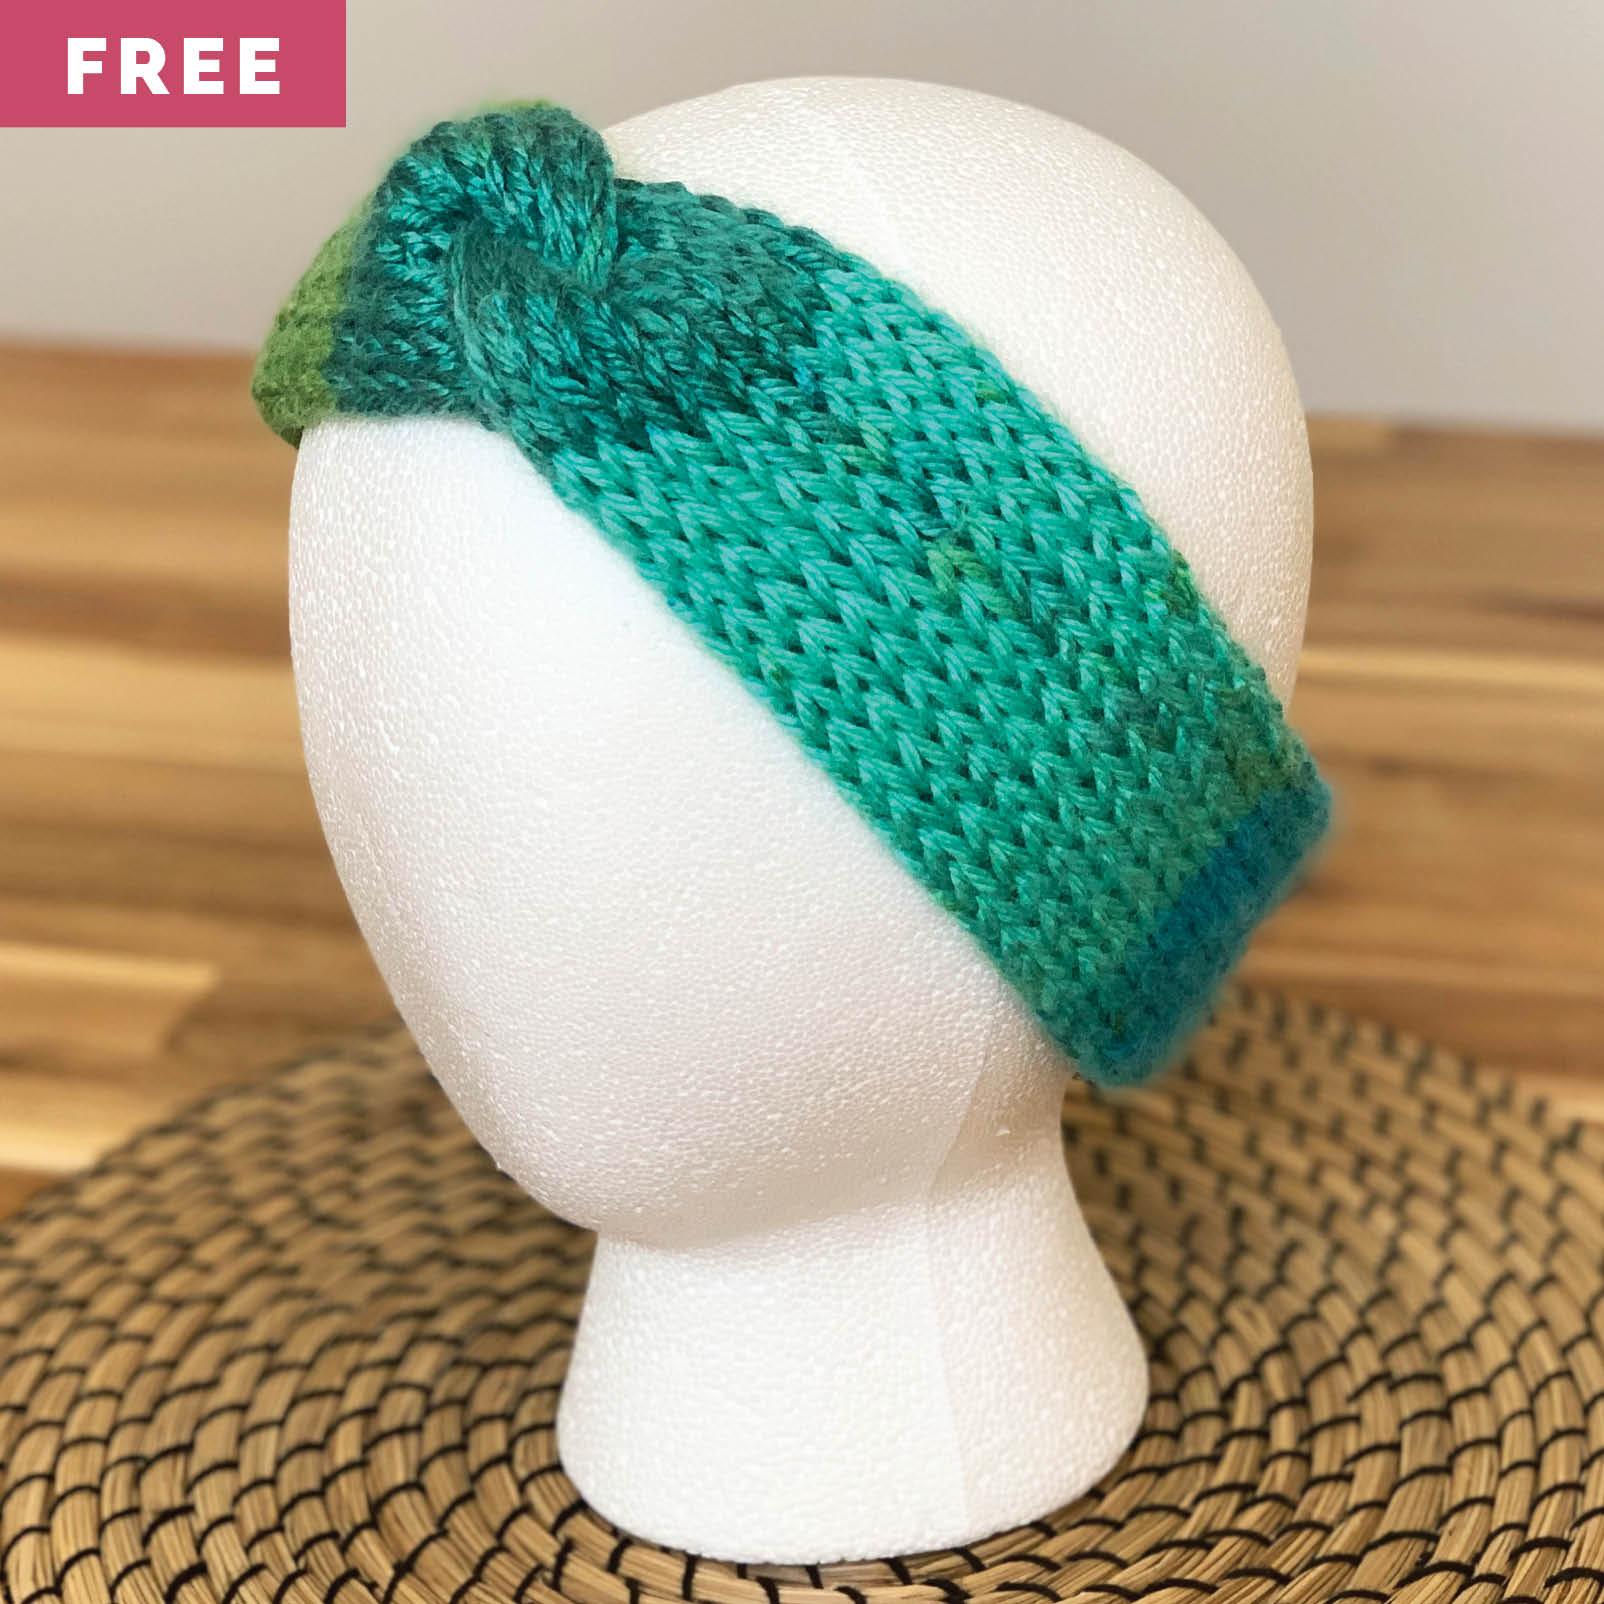 Free Knitting Pattern - Twisted Stockinette Stitch Headband